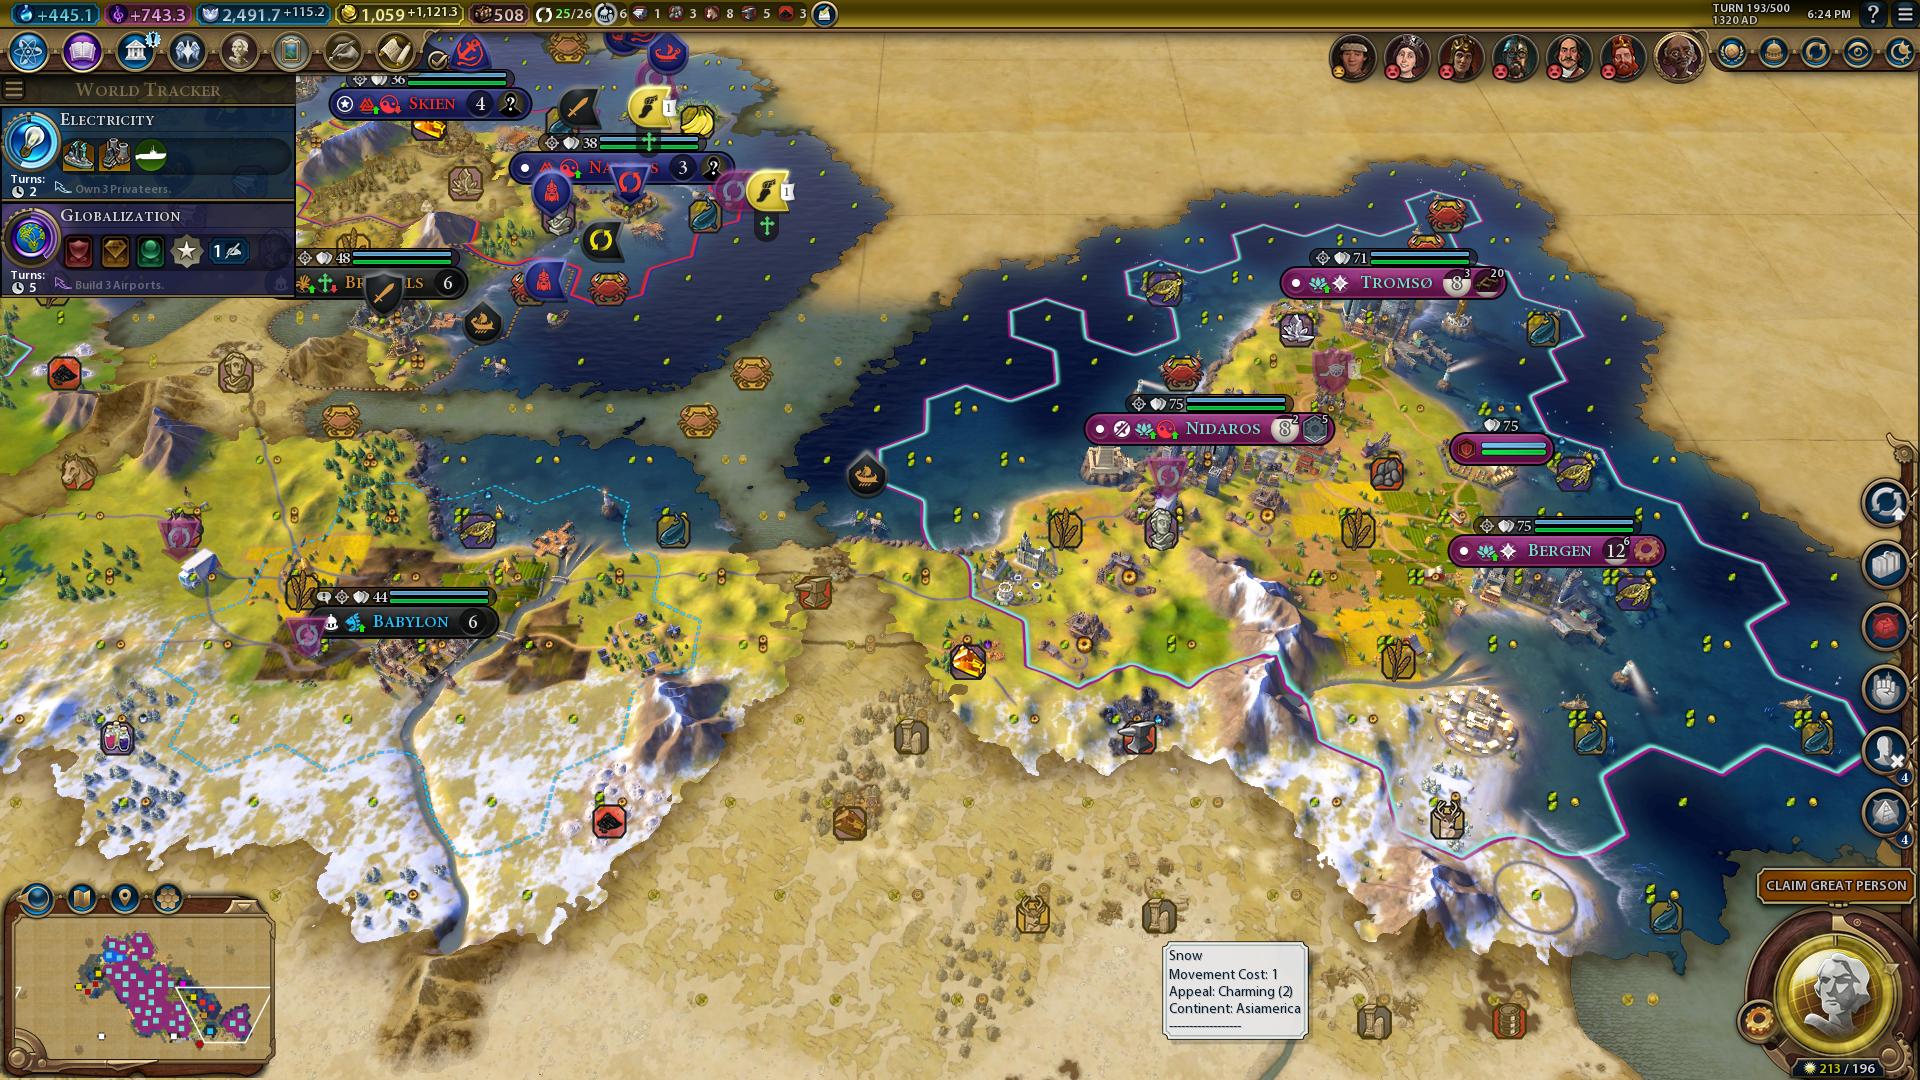 Sid Meier's Civilization VI (DX11) 10_3_2018 6_24_06 PM.png